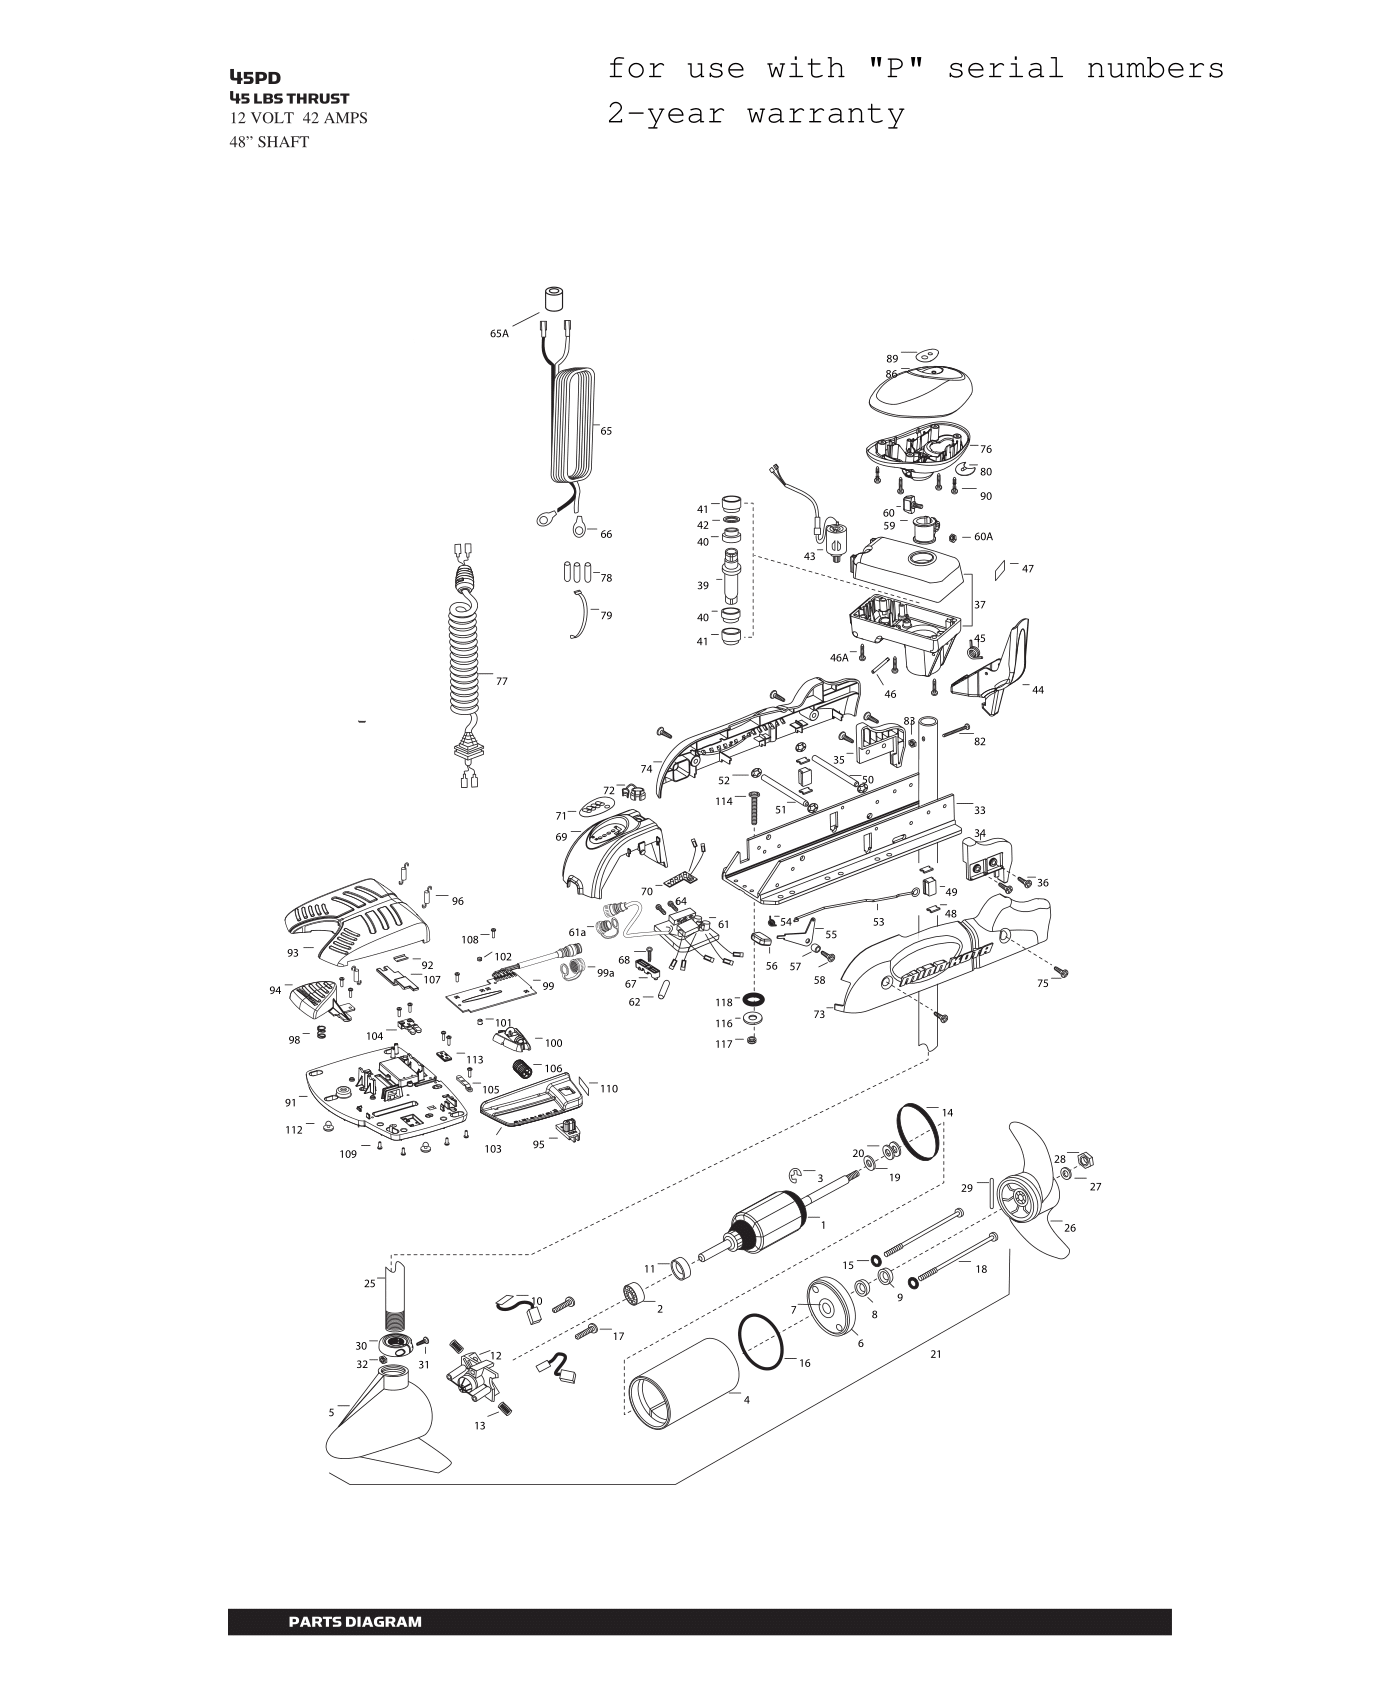 2015-mk-powerdrivev245-1.png